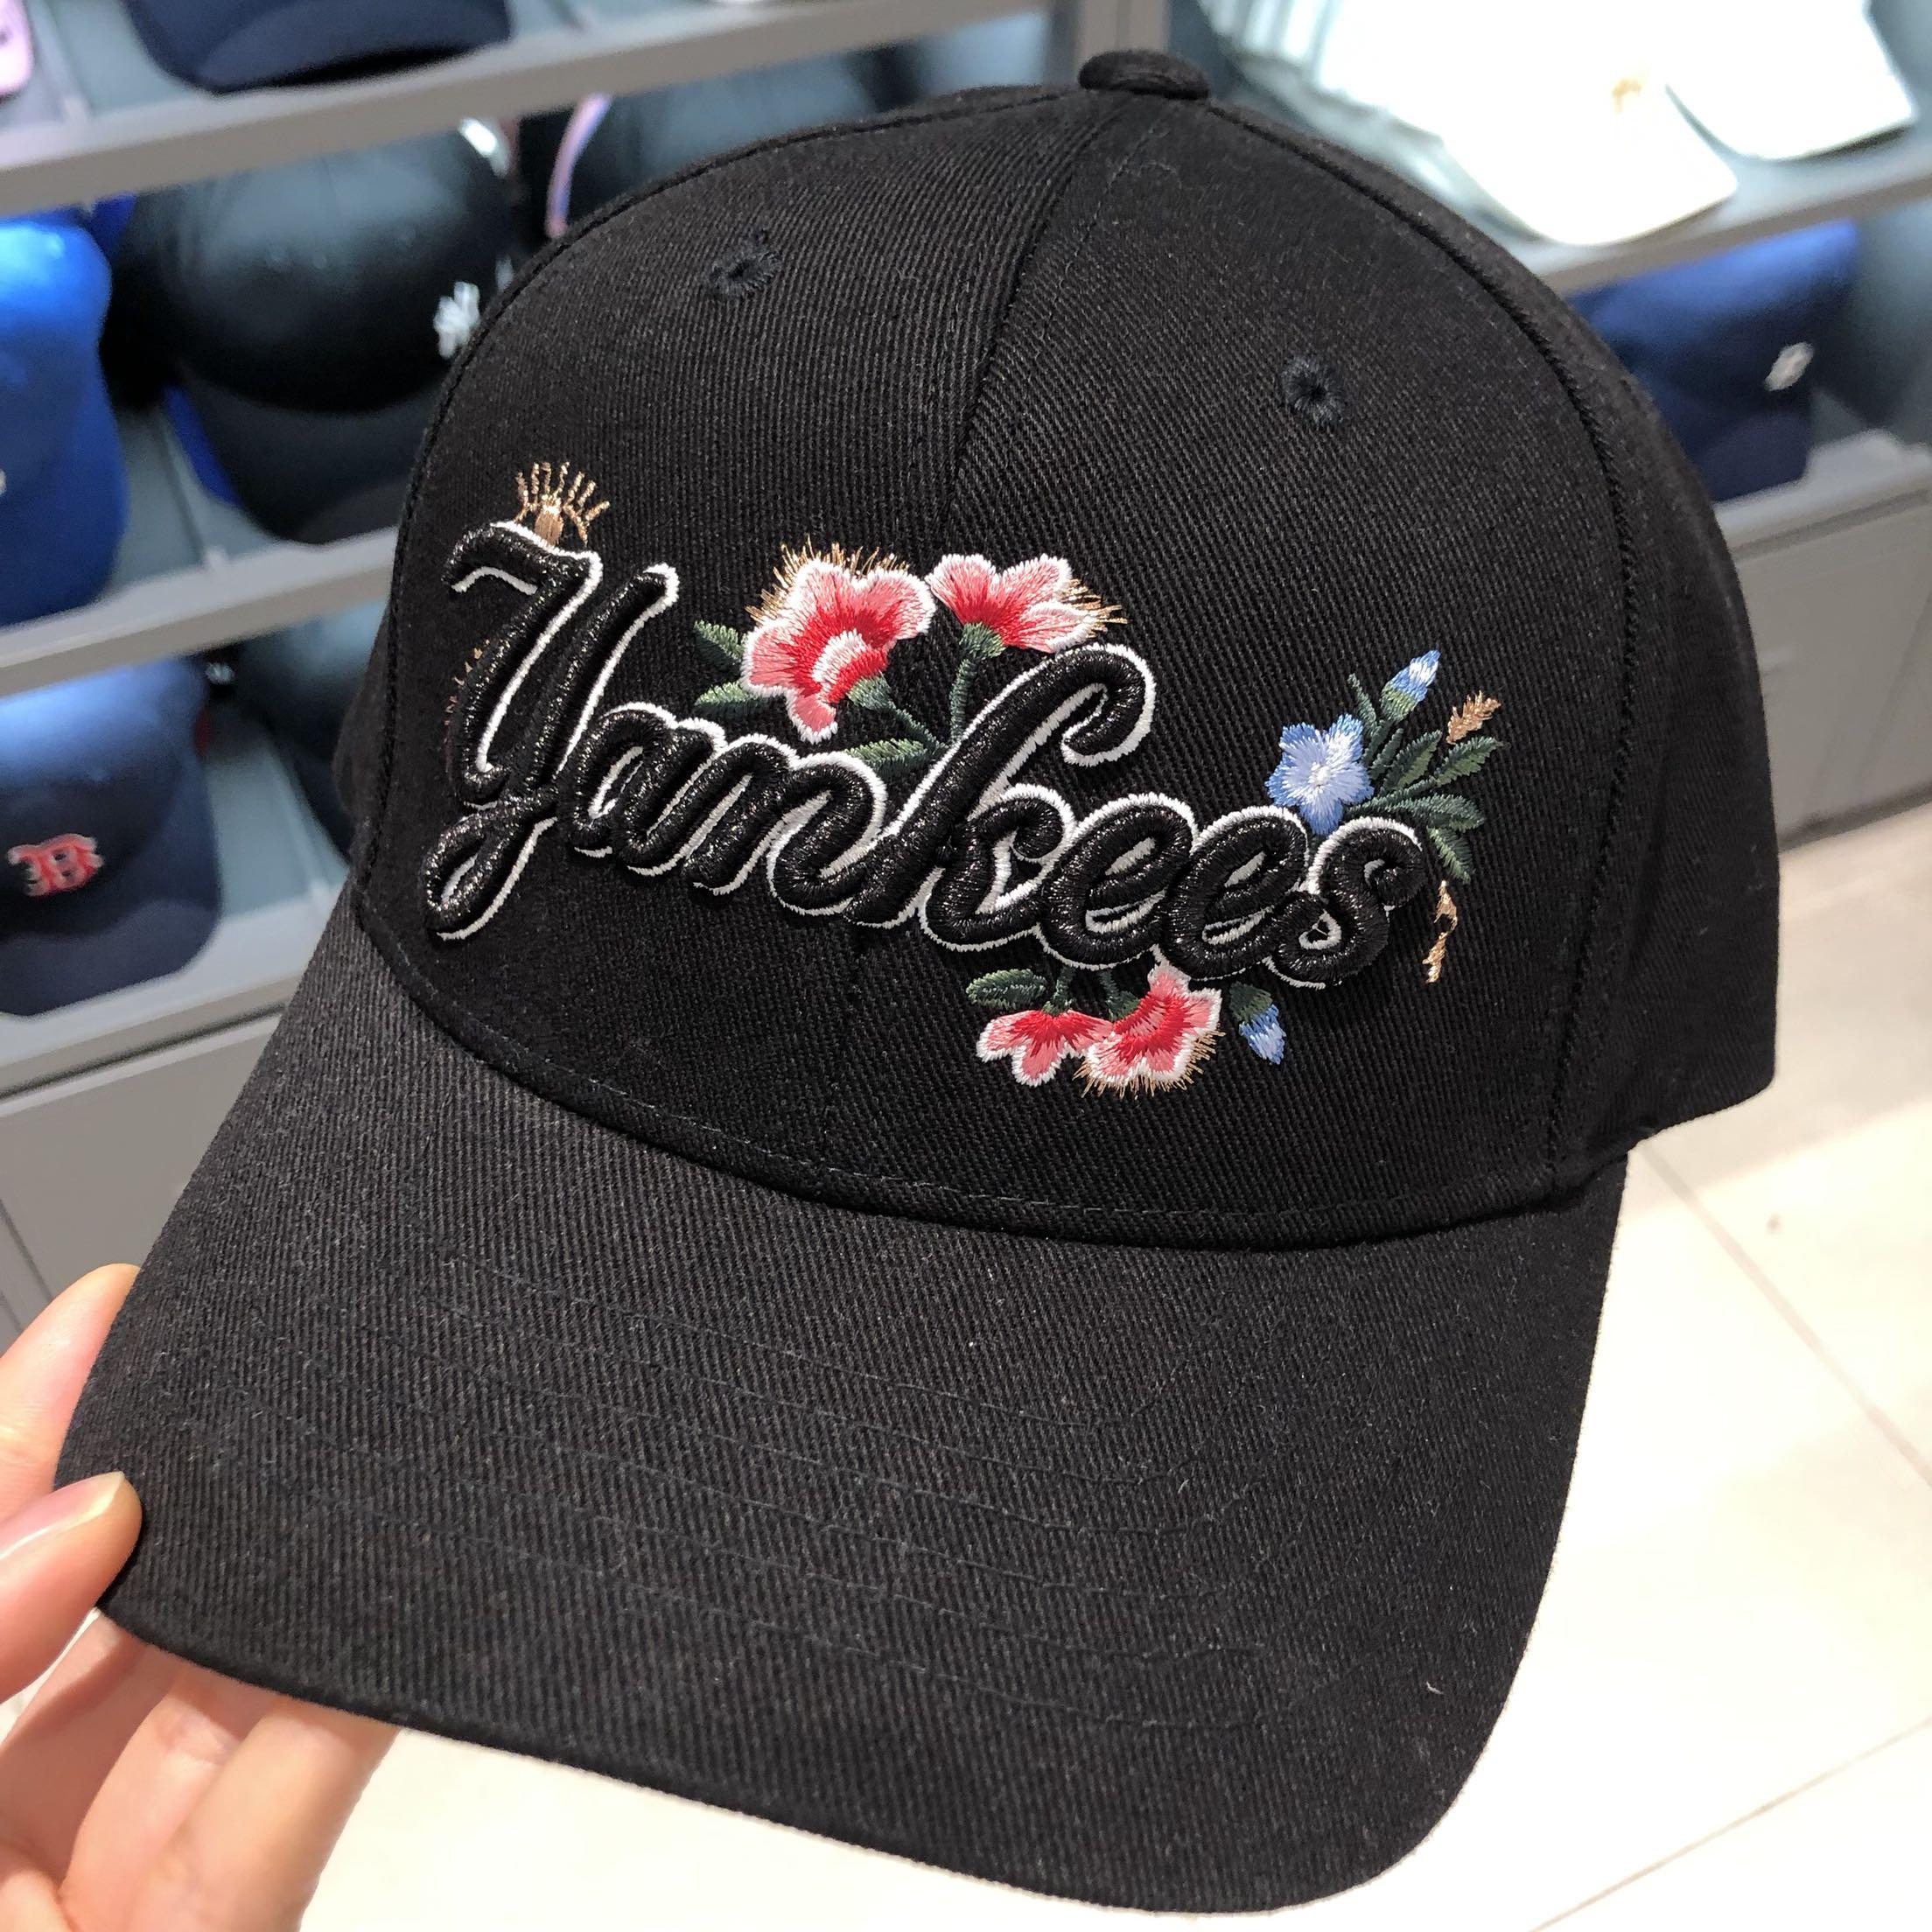 韩国专柜正品MLB棒球帽2019新款刺绣帽子男女同款遮阳鸭舌帽潮ins